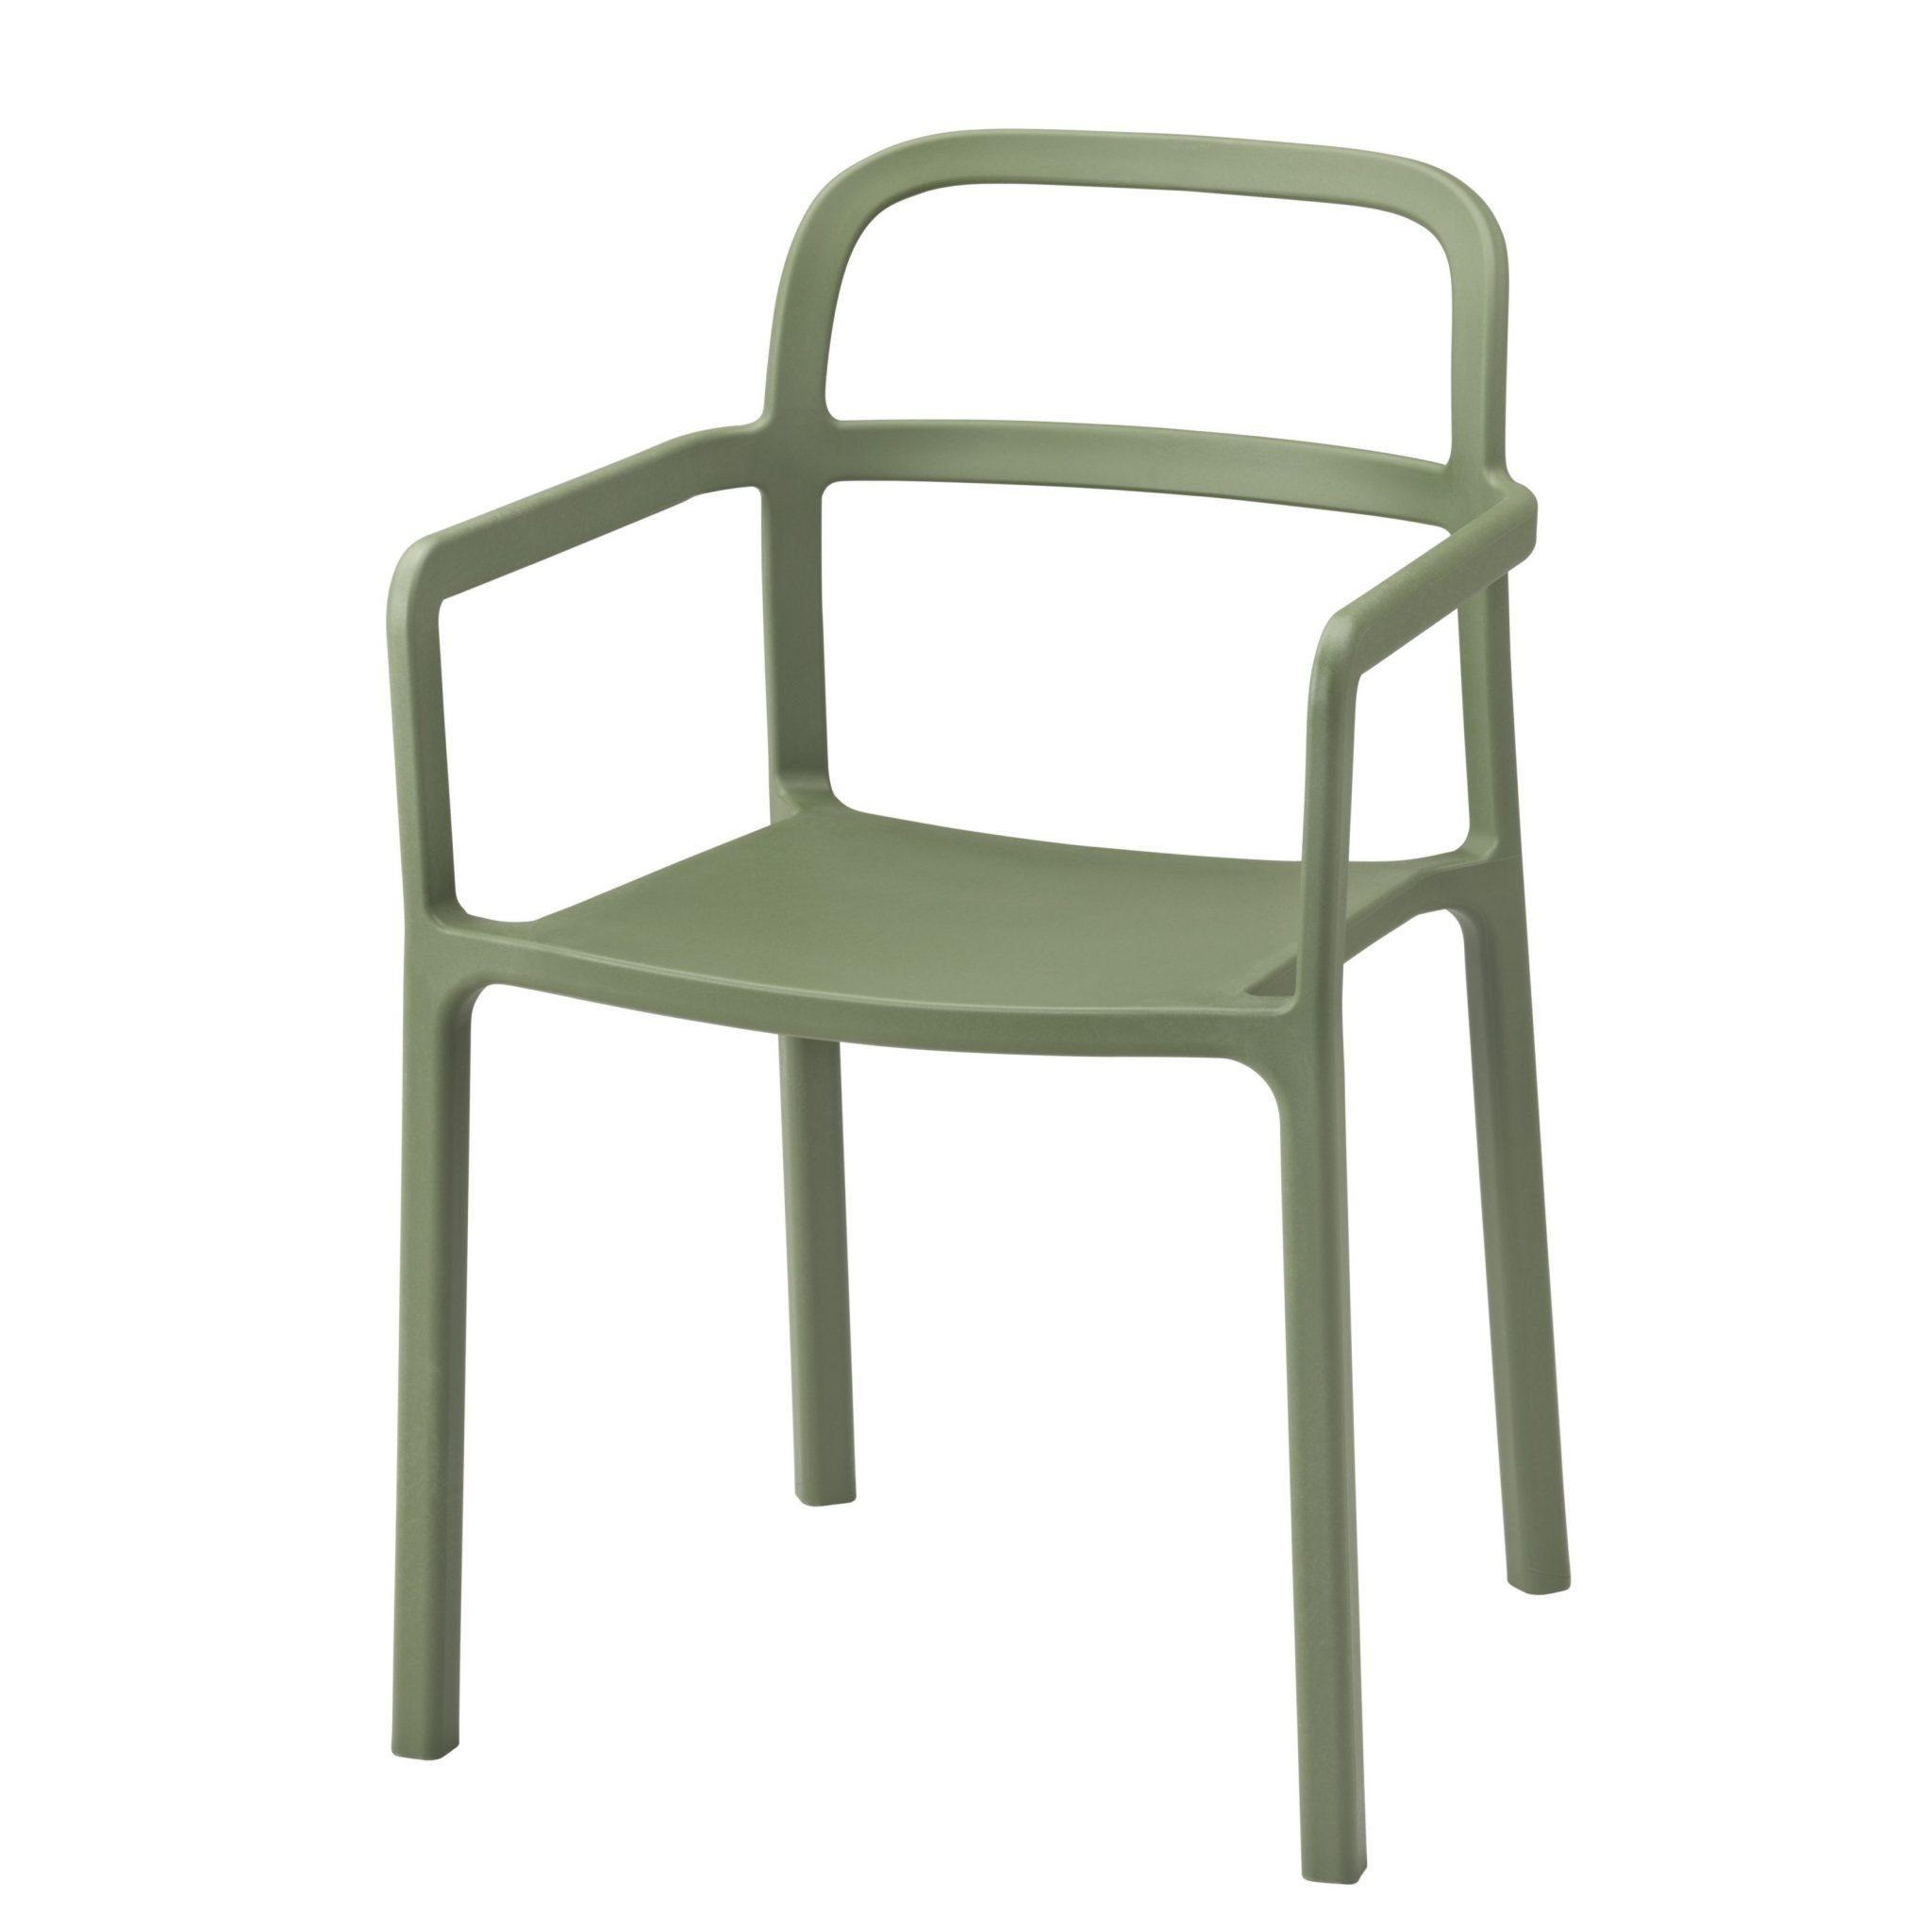 """IKEA x HAY สร้างสรรค์คอลเล็คชั่นใหม่ """"อิปเปอร์ลิก"""" เฟอร์นิเจอร์สไตล์สแกนดิเนเวีย 16 - HAY"""